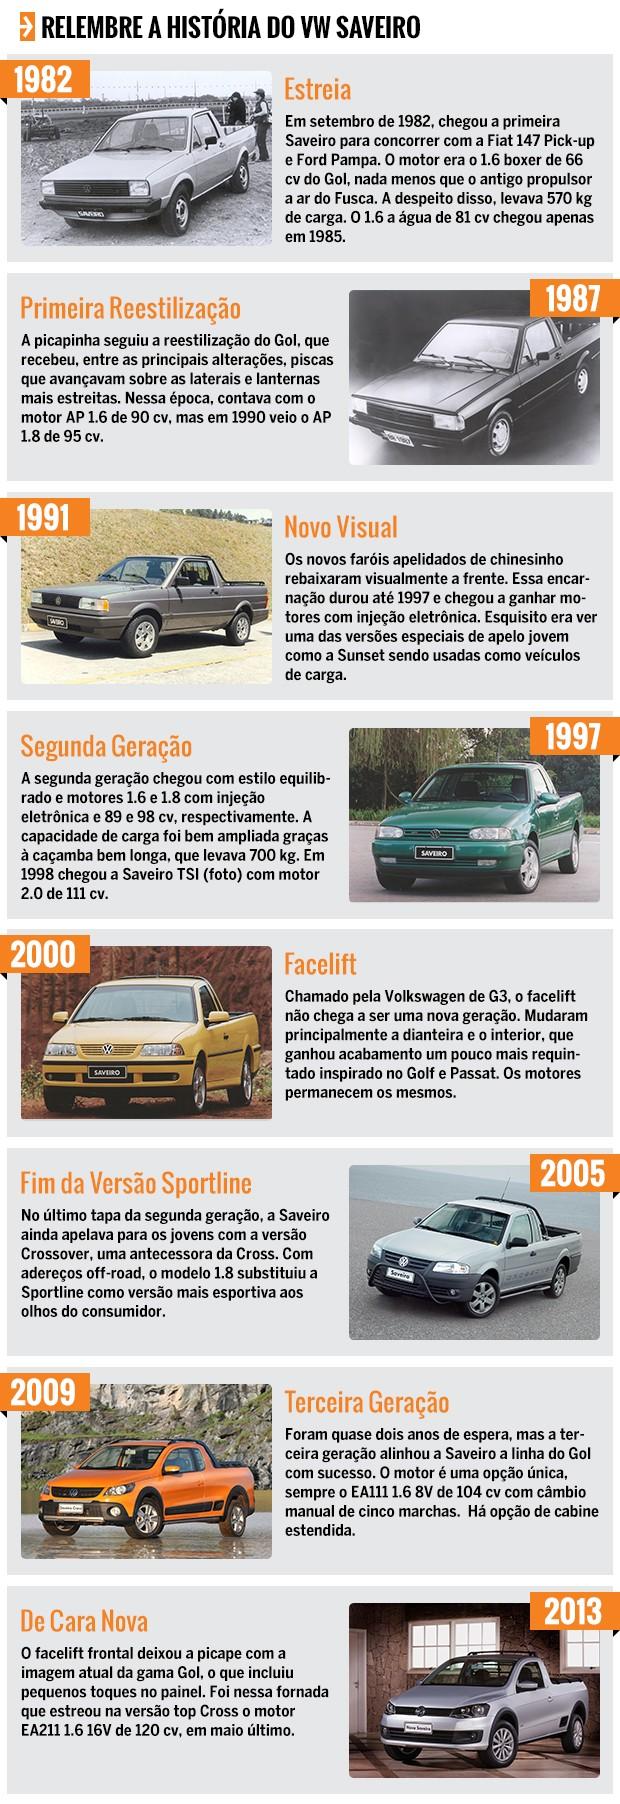 Linha do Tempo Volkswagen Saveiro (Foto: Autoesporte)